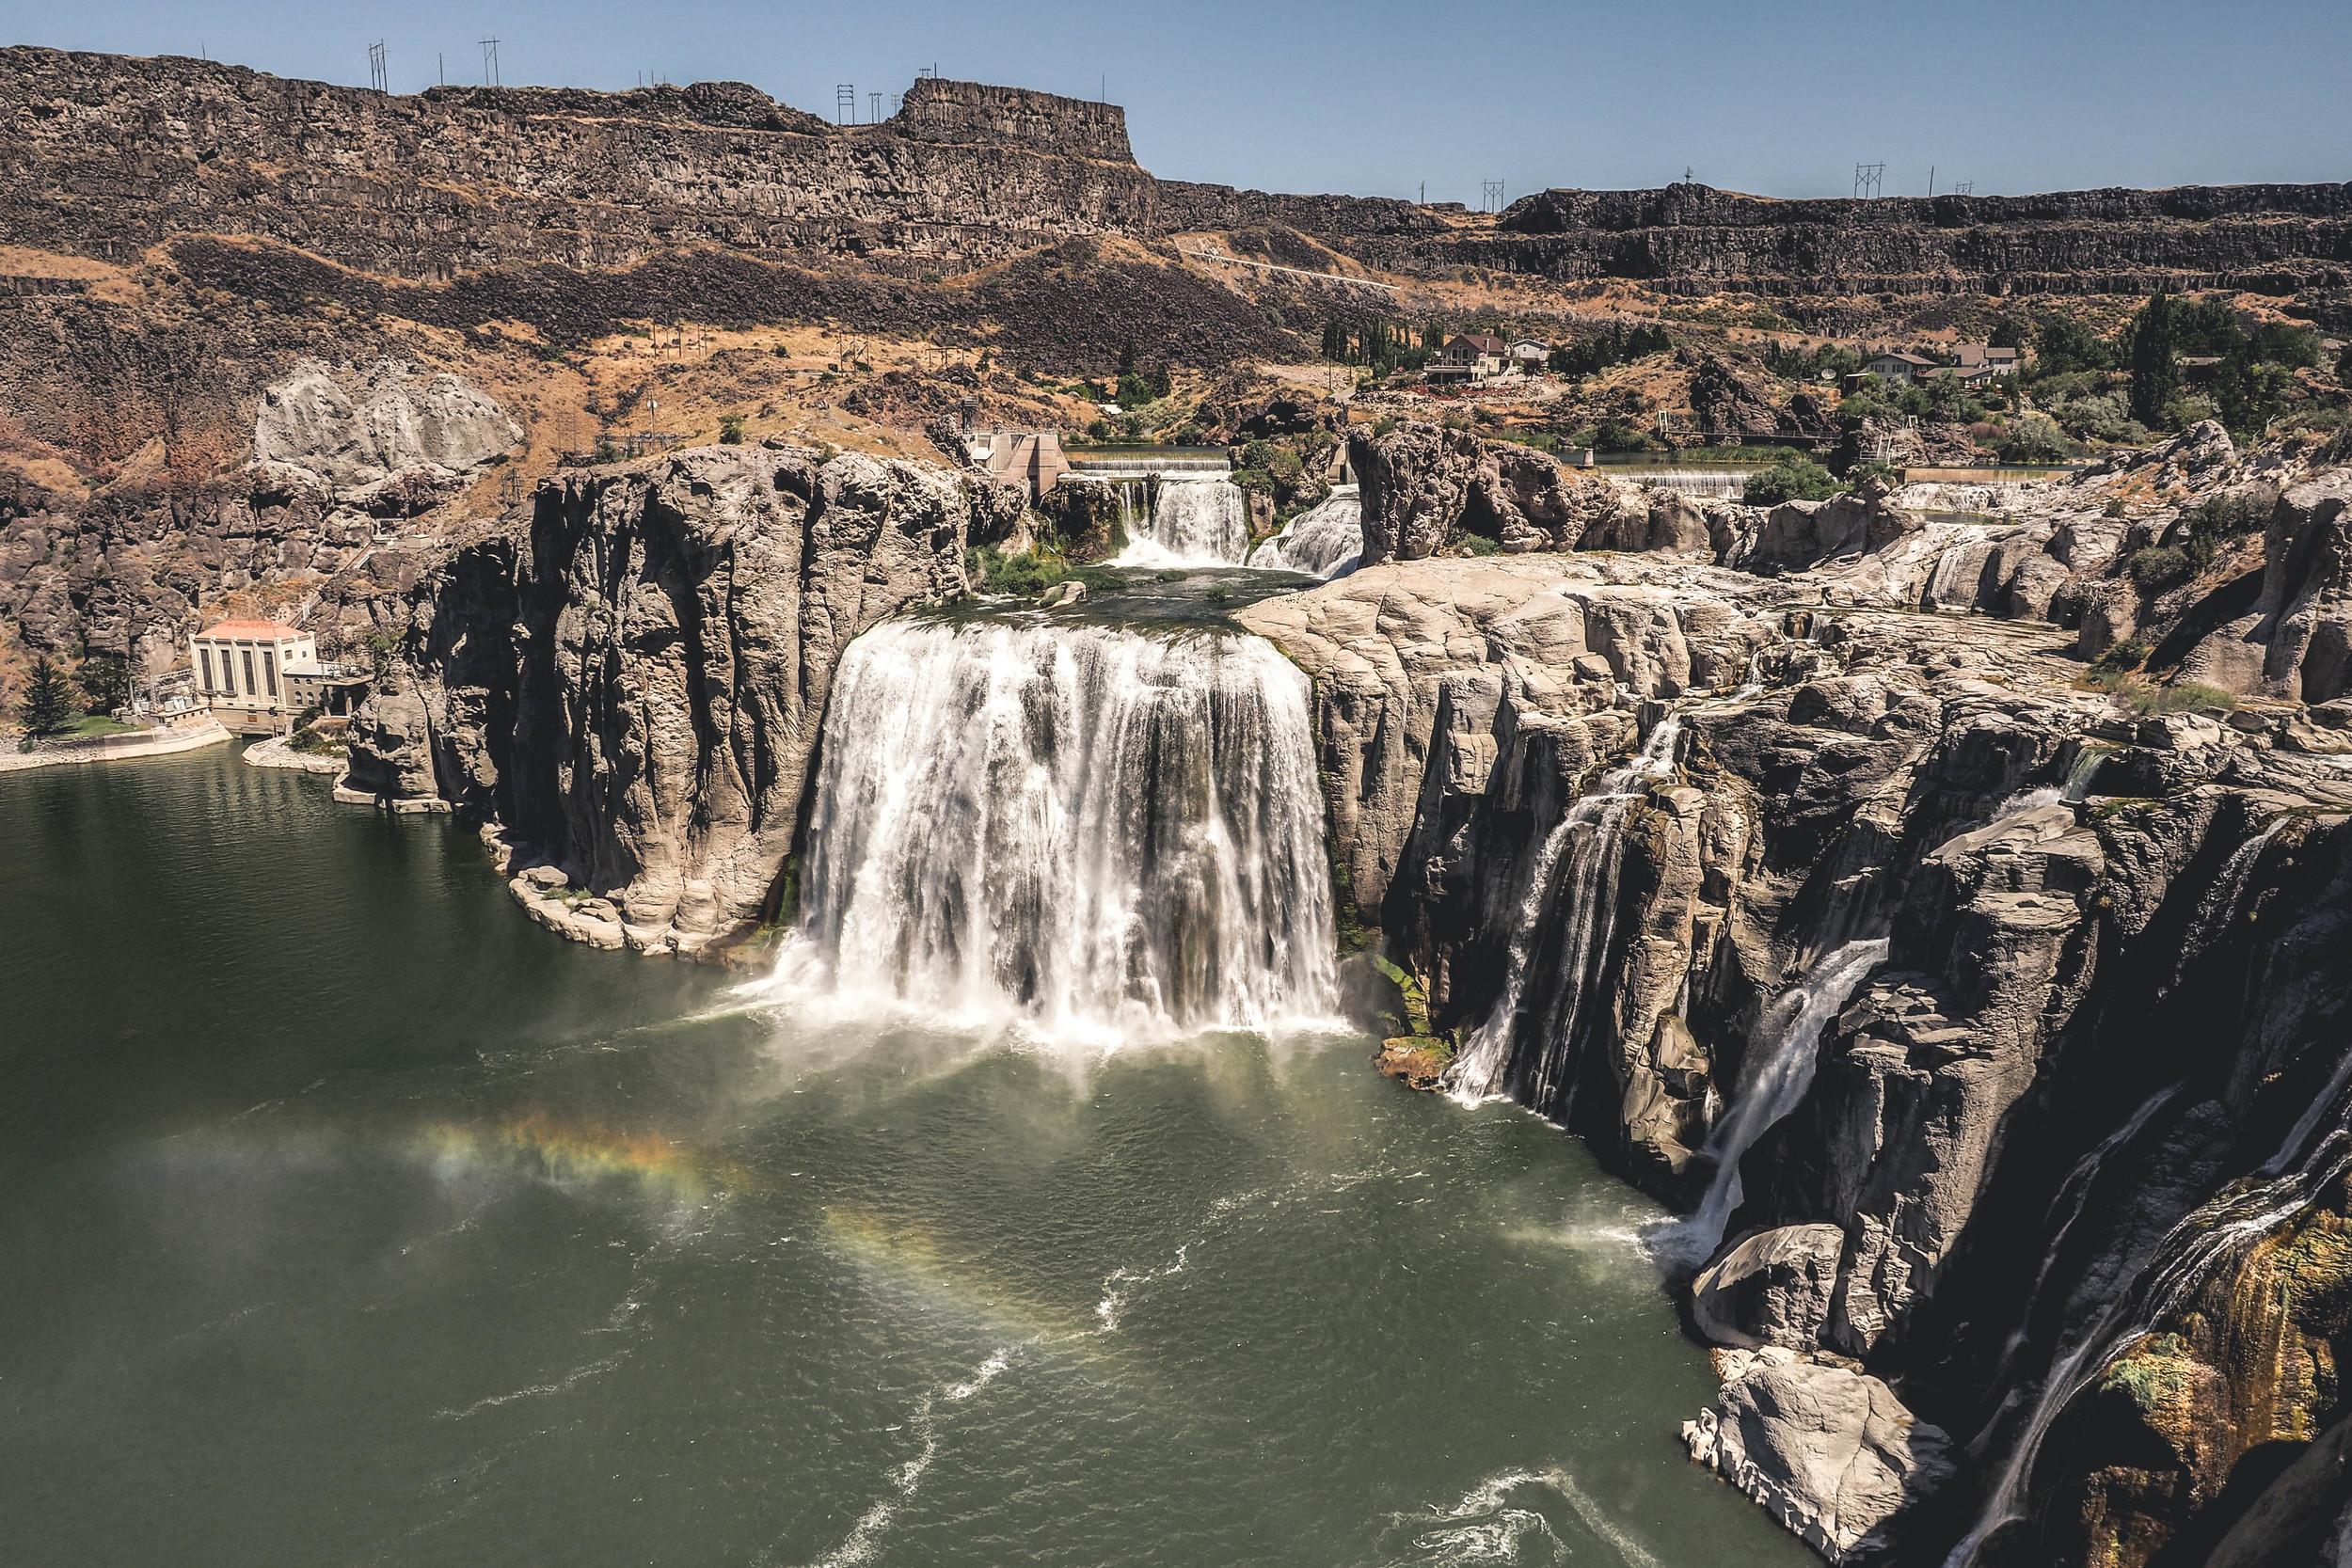 Shoshone Falls, Magic Valley, Idaho, 2016